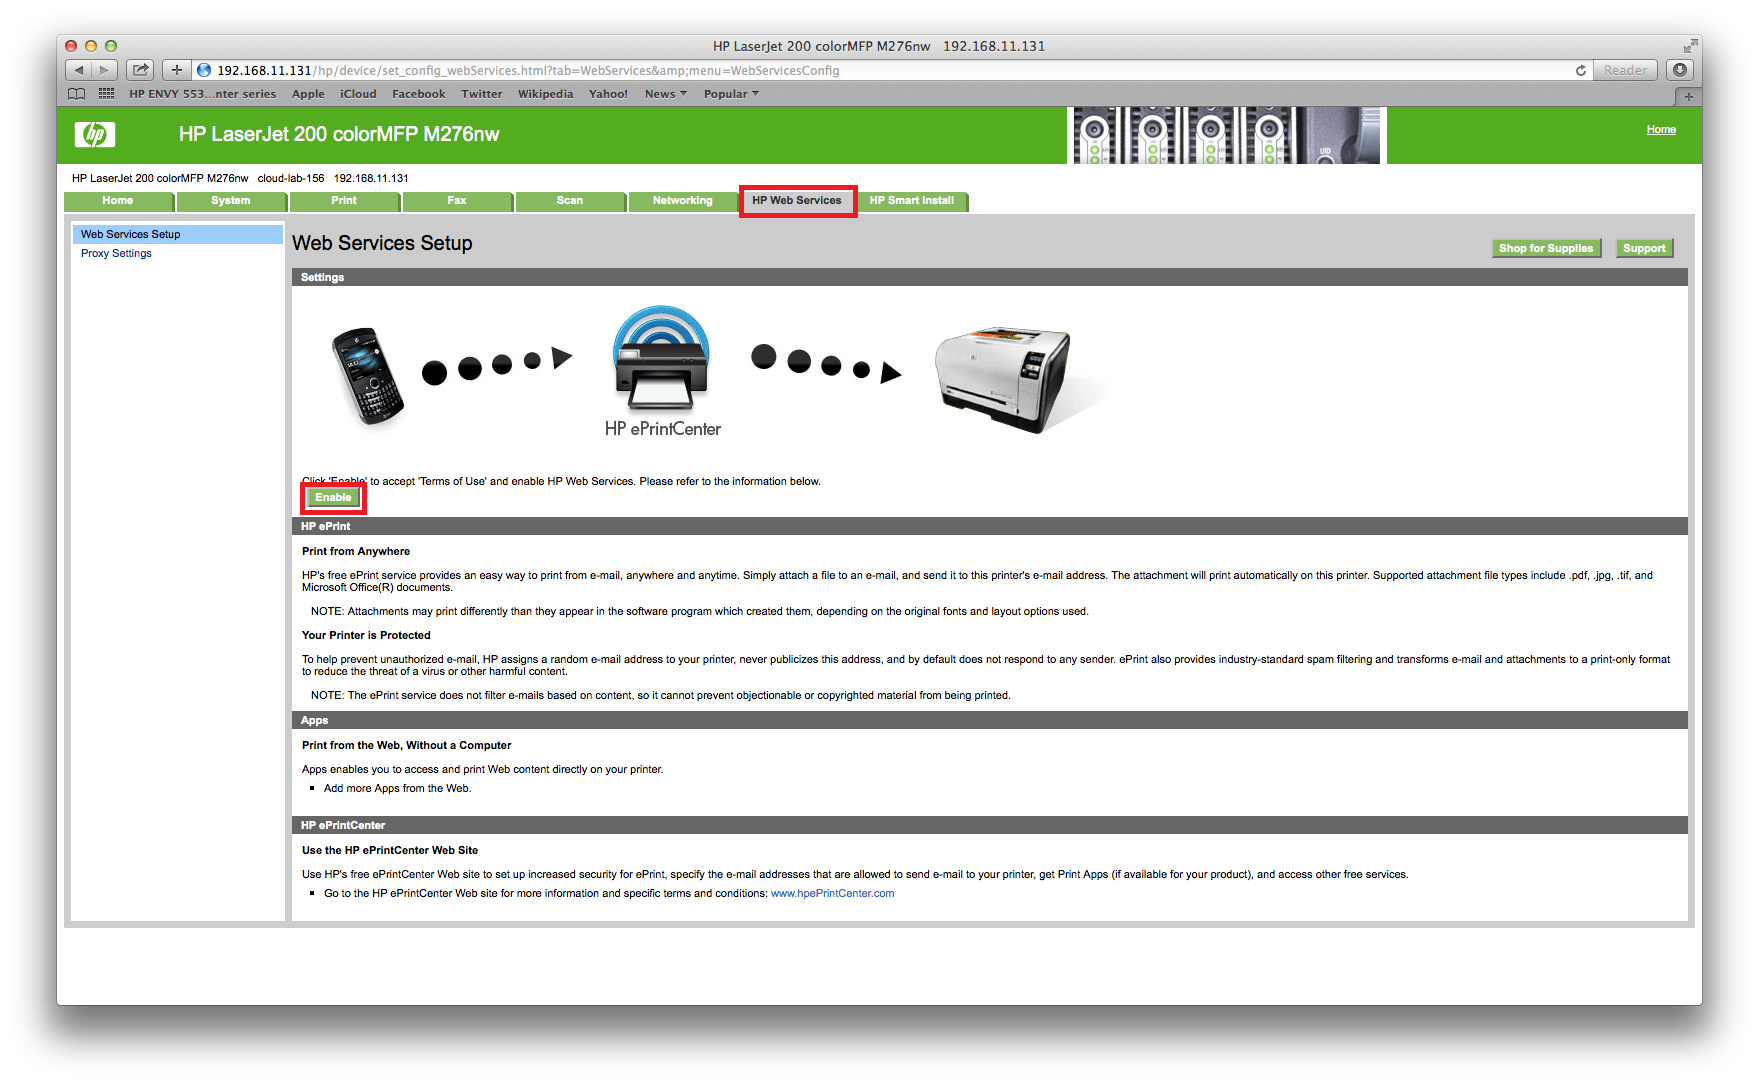 HP LaserJet 5035 MPF: Initialization of HDD HP LaserJet 5035